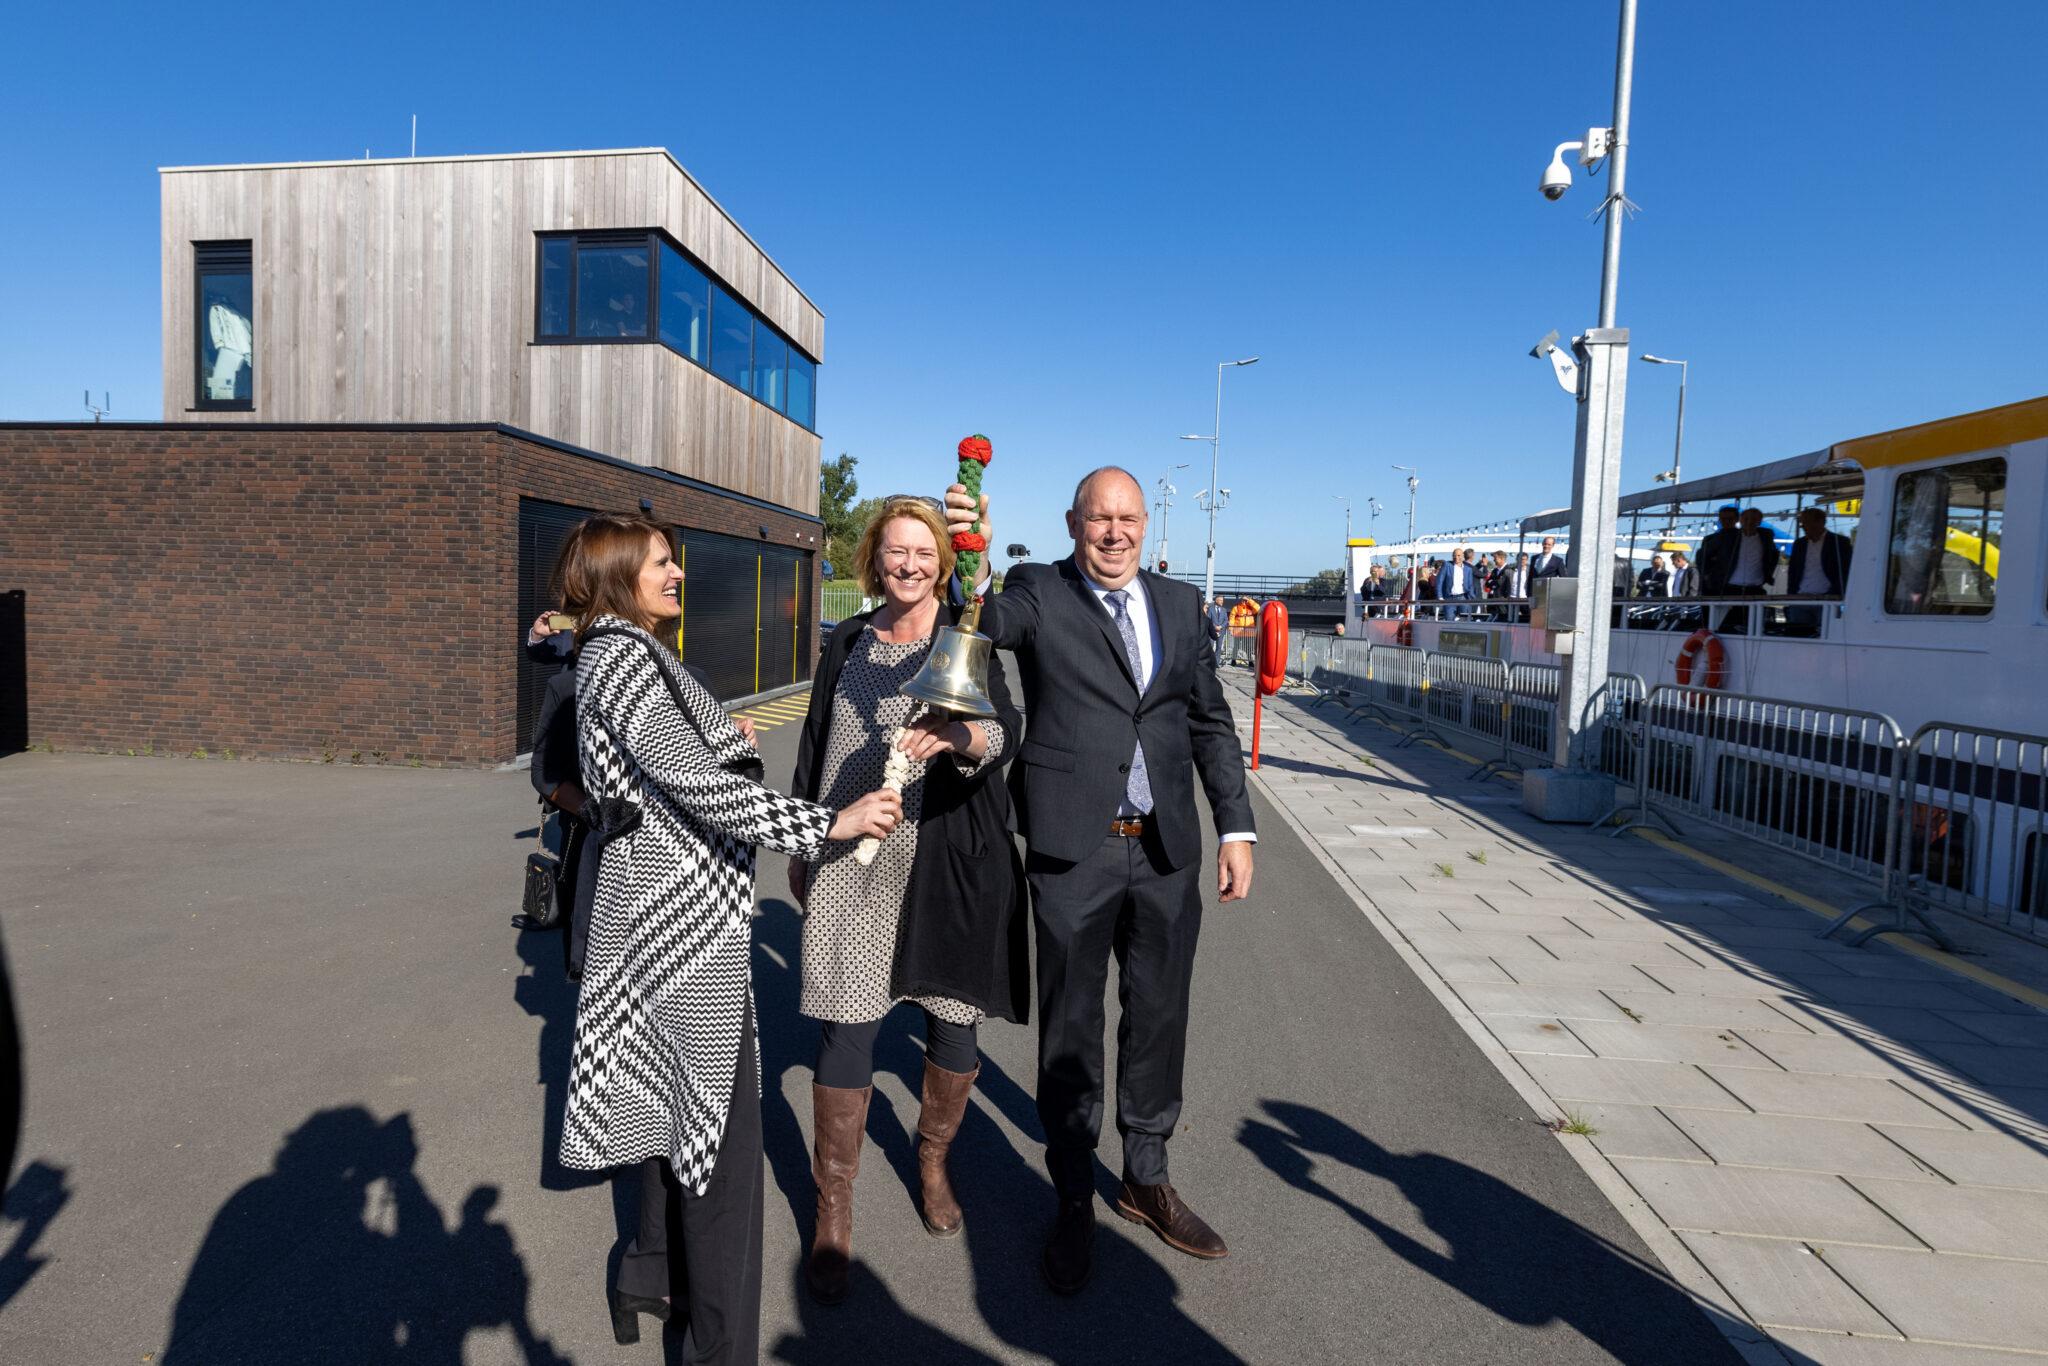 Openingshandeling Reevesluis door minister Barbara Visser